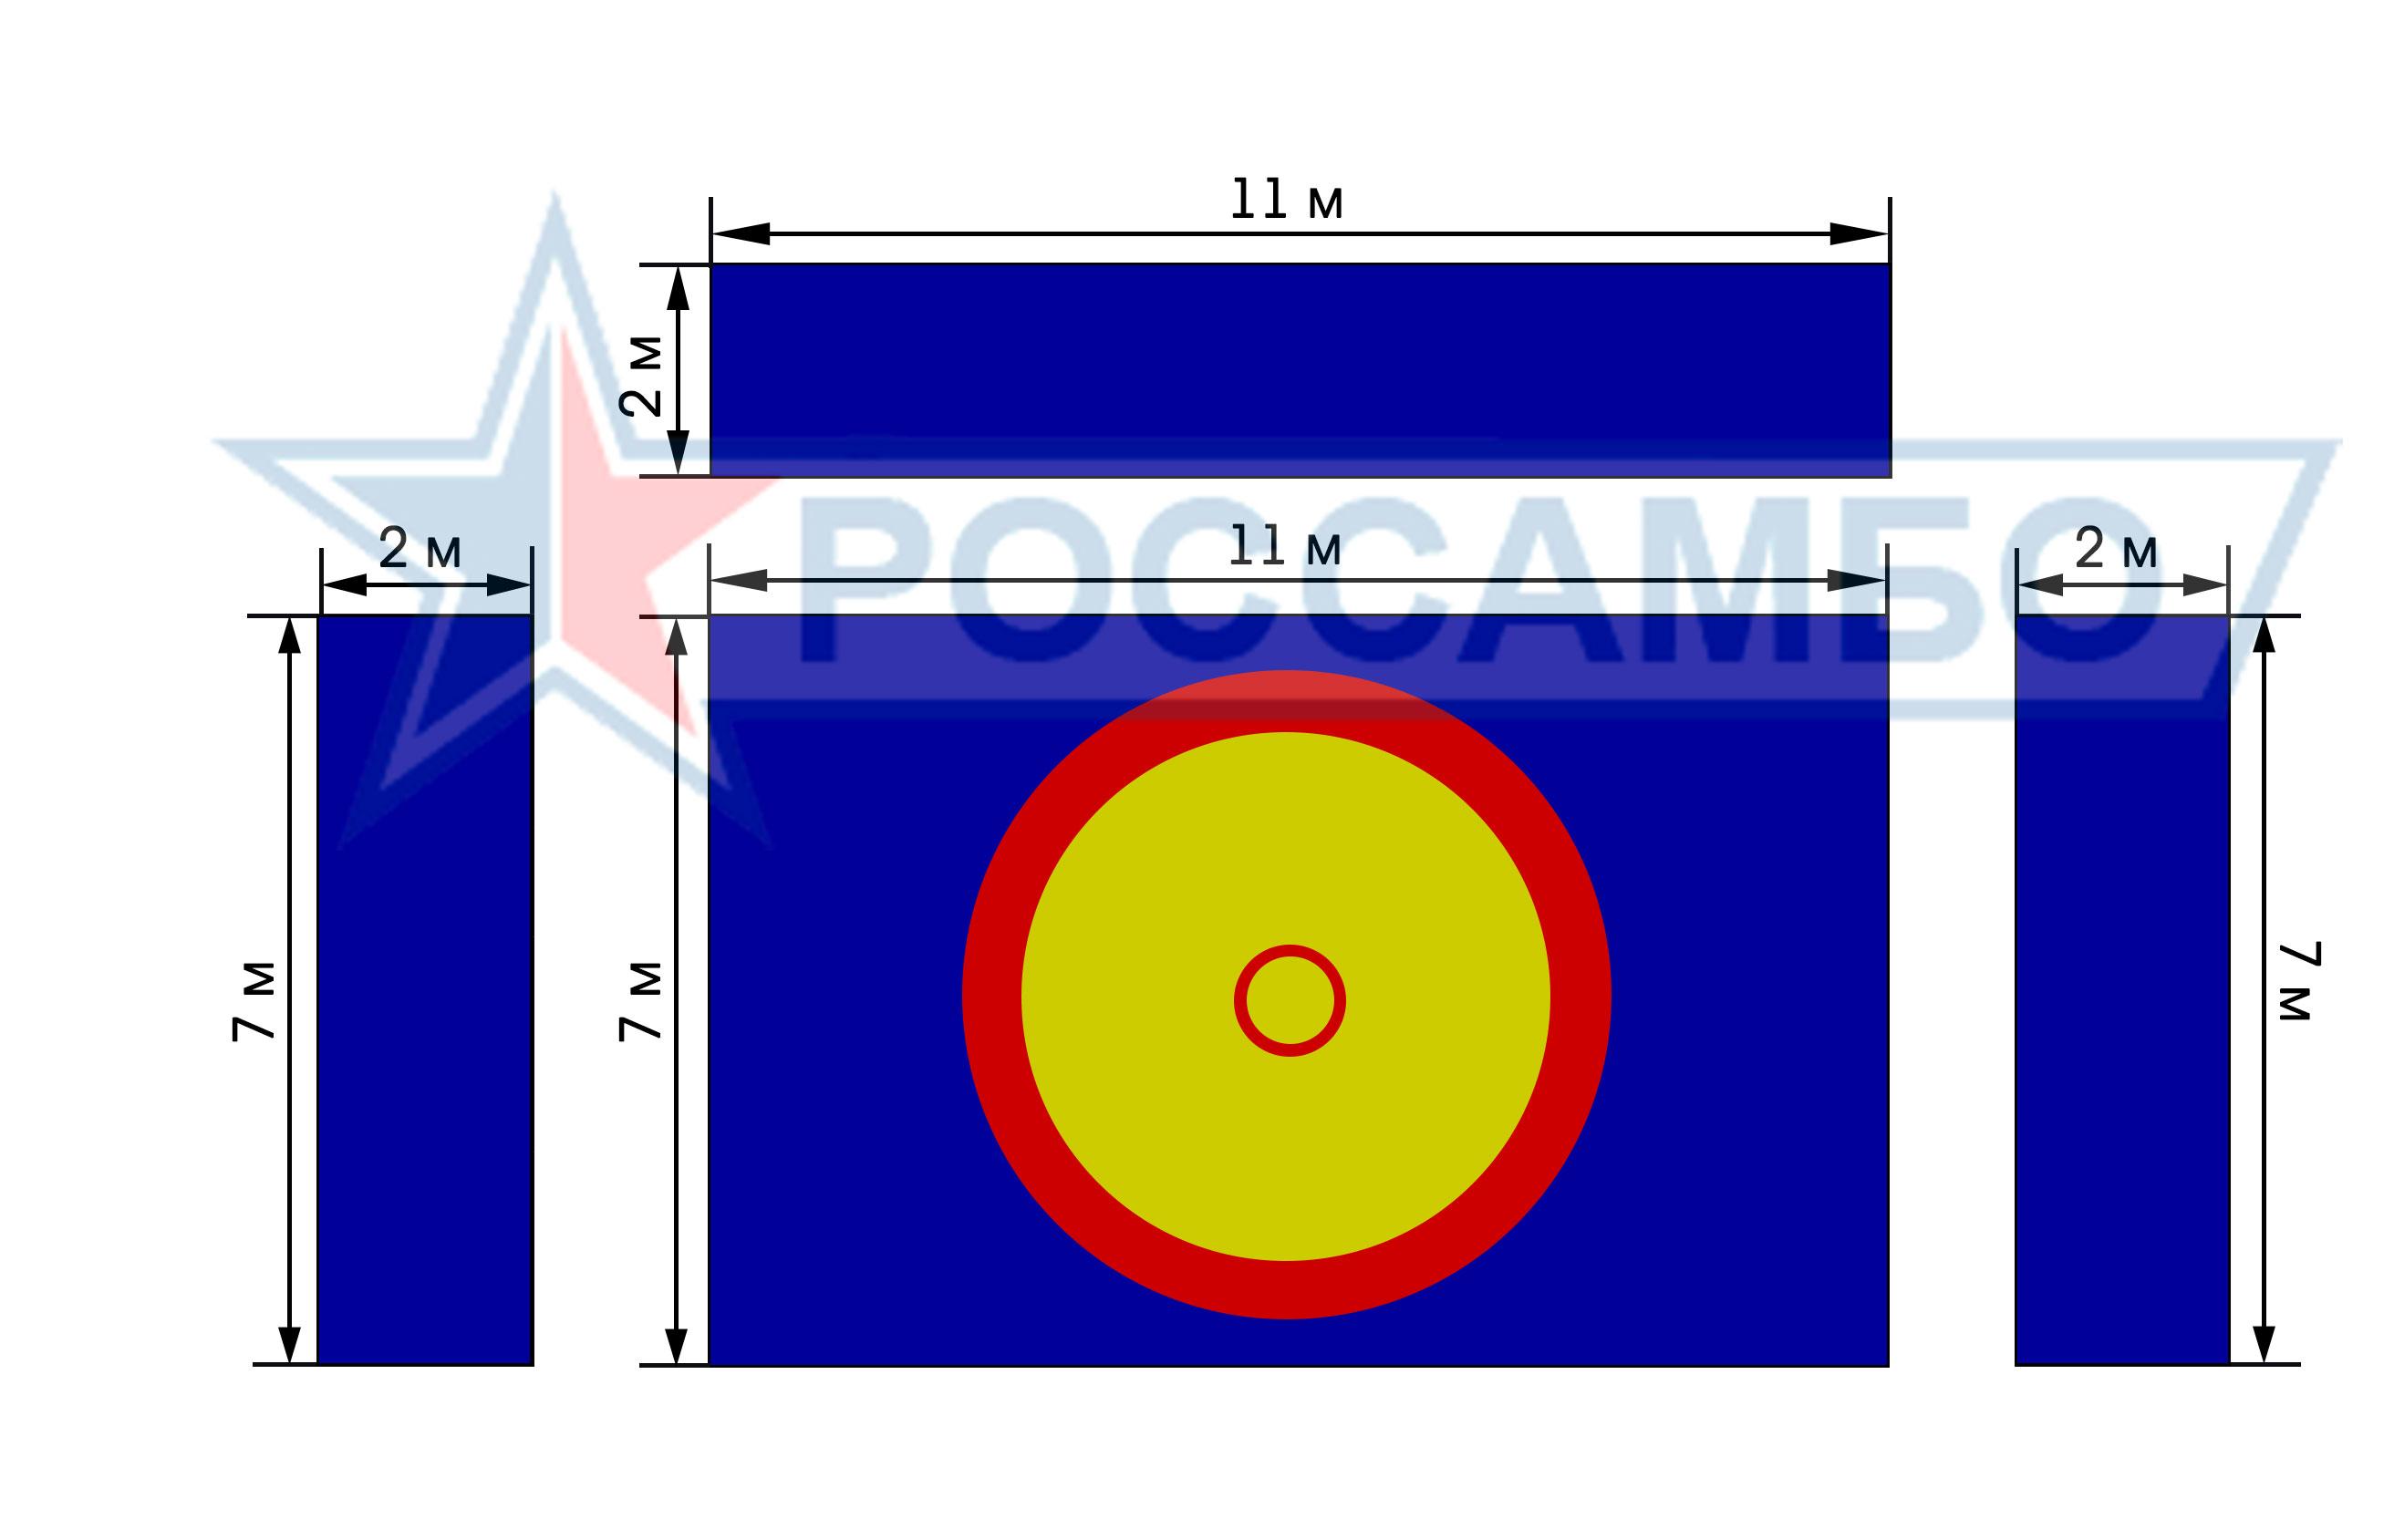 Ковер для самбо и стеновые протекторы от РОССАМБО